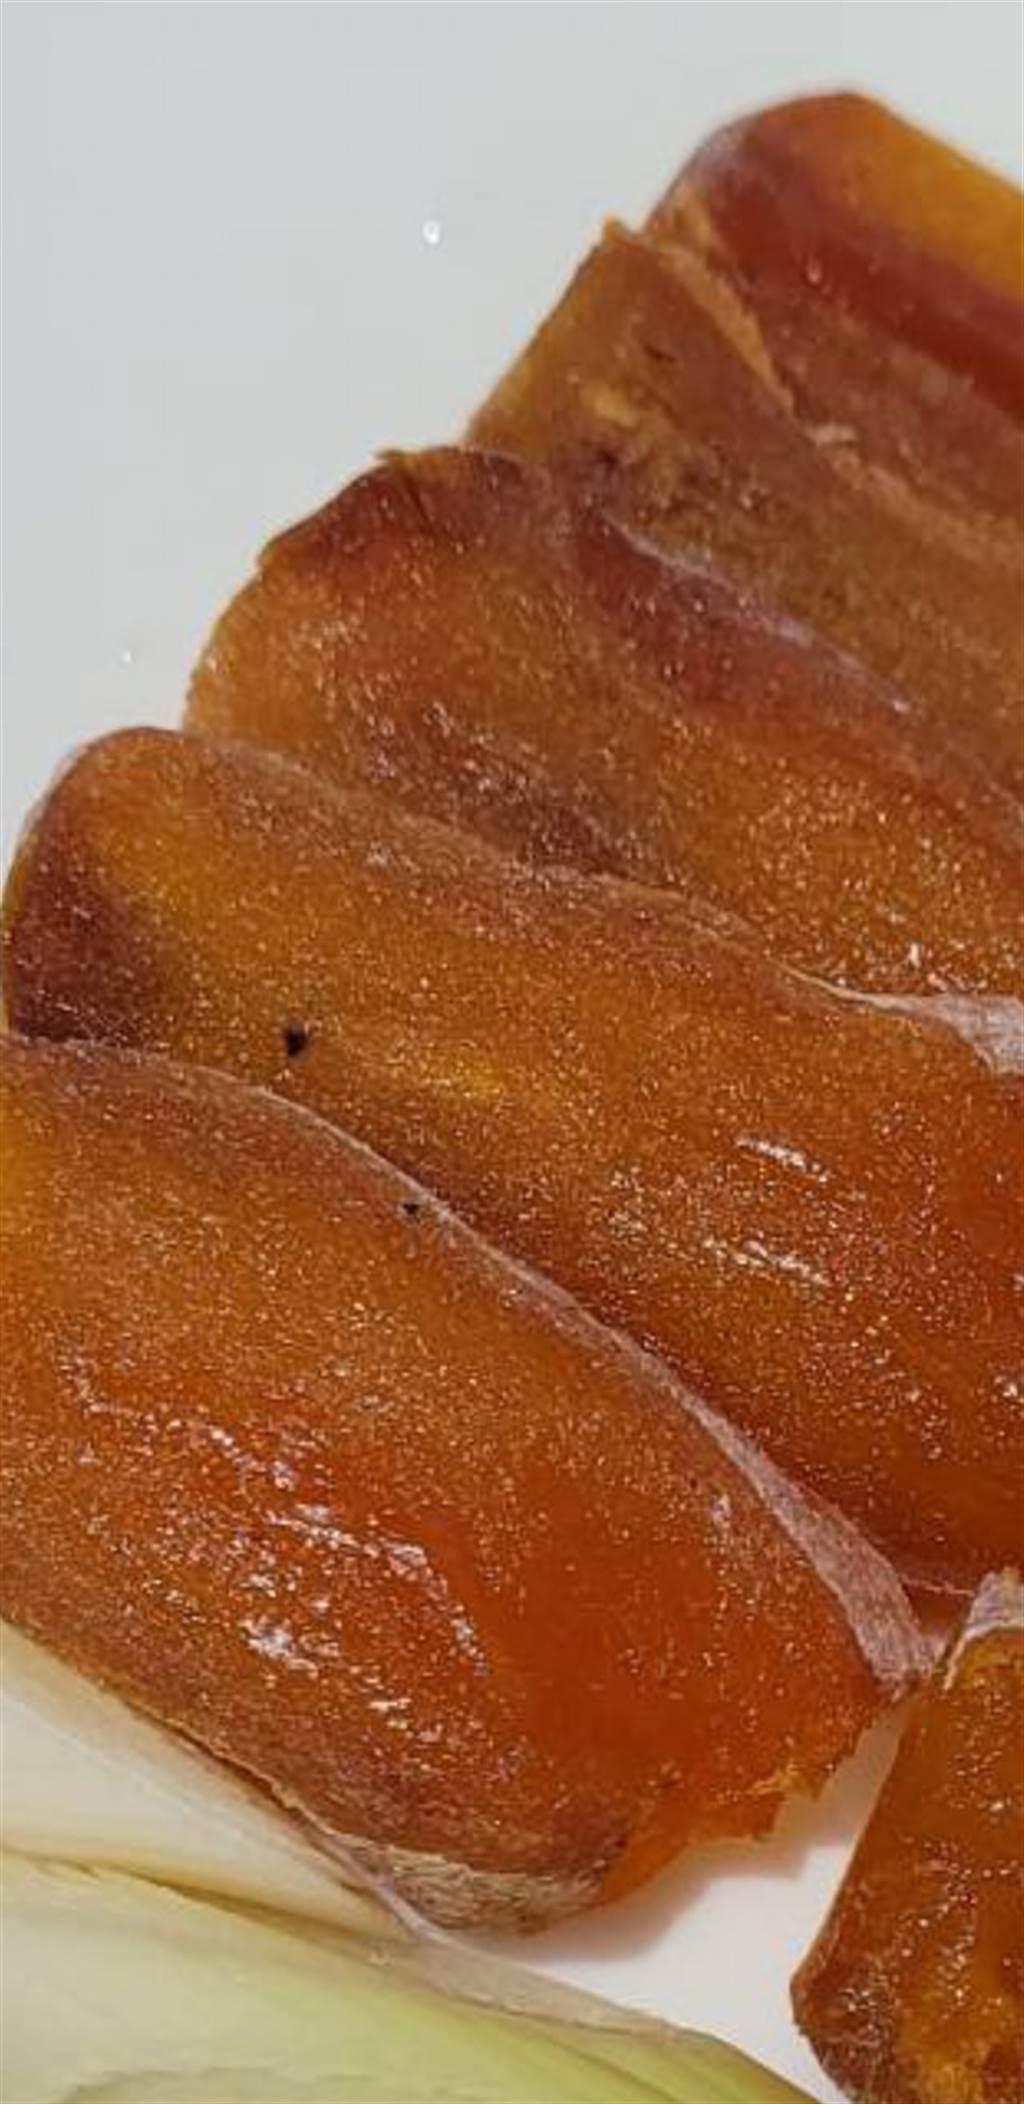 柿餅切片後,不僅色澤相似,就連紋路也很像烏魚子。(圖/翻攝自爆廢二公社)